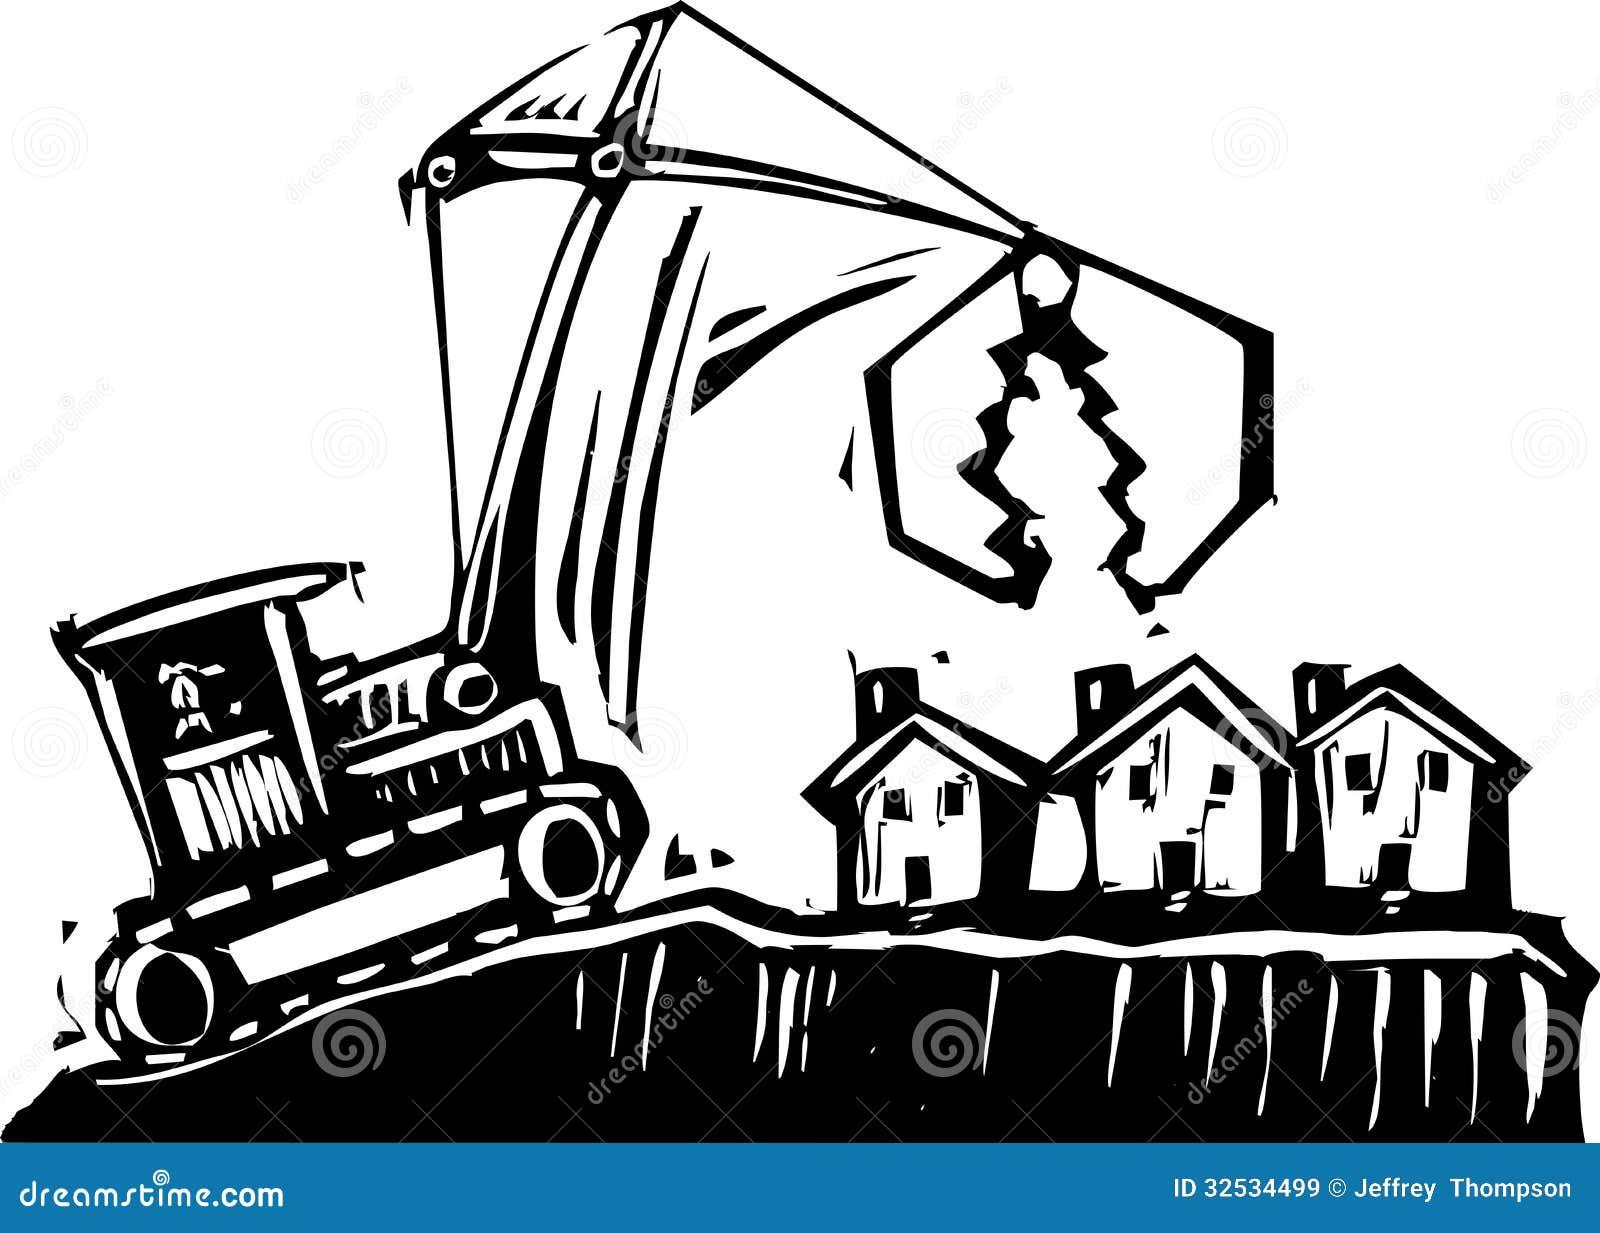 Building Demolition Cartoon : Shrinking city stock vector illustration of bankruptcy